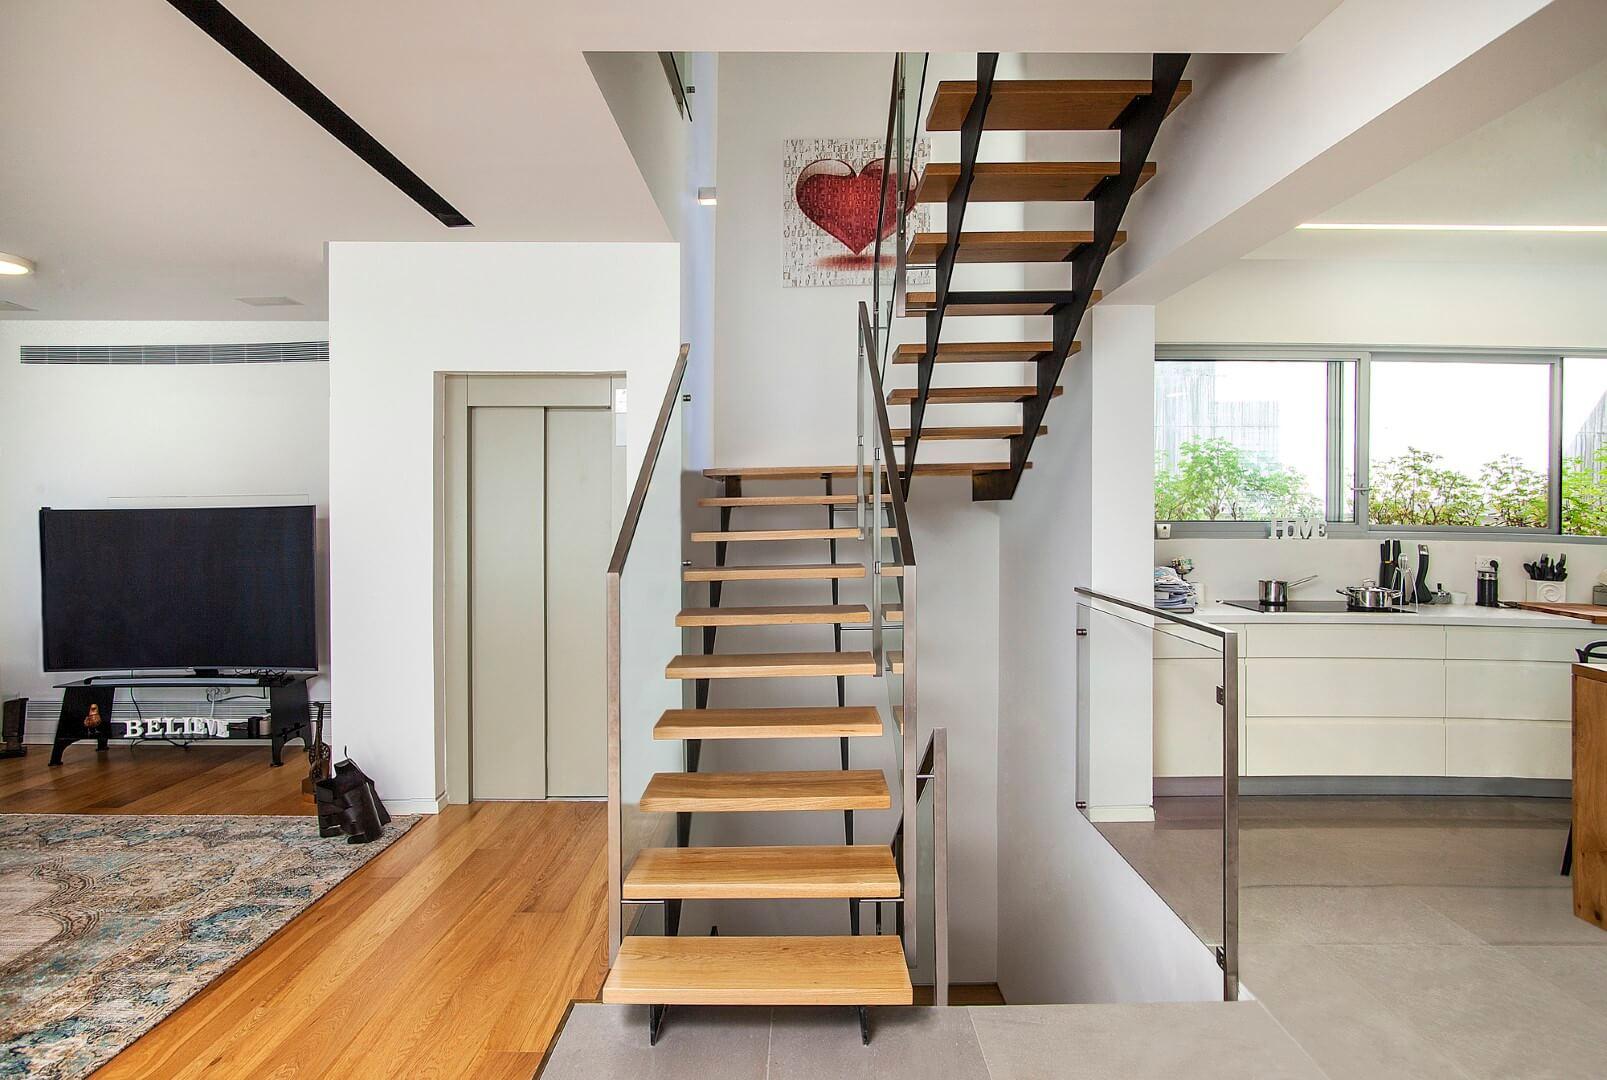 שלושה גרמי מדרגות ברזל שחור עם מדרגות עץ אלון אמריקאי ומעקה זכוכית